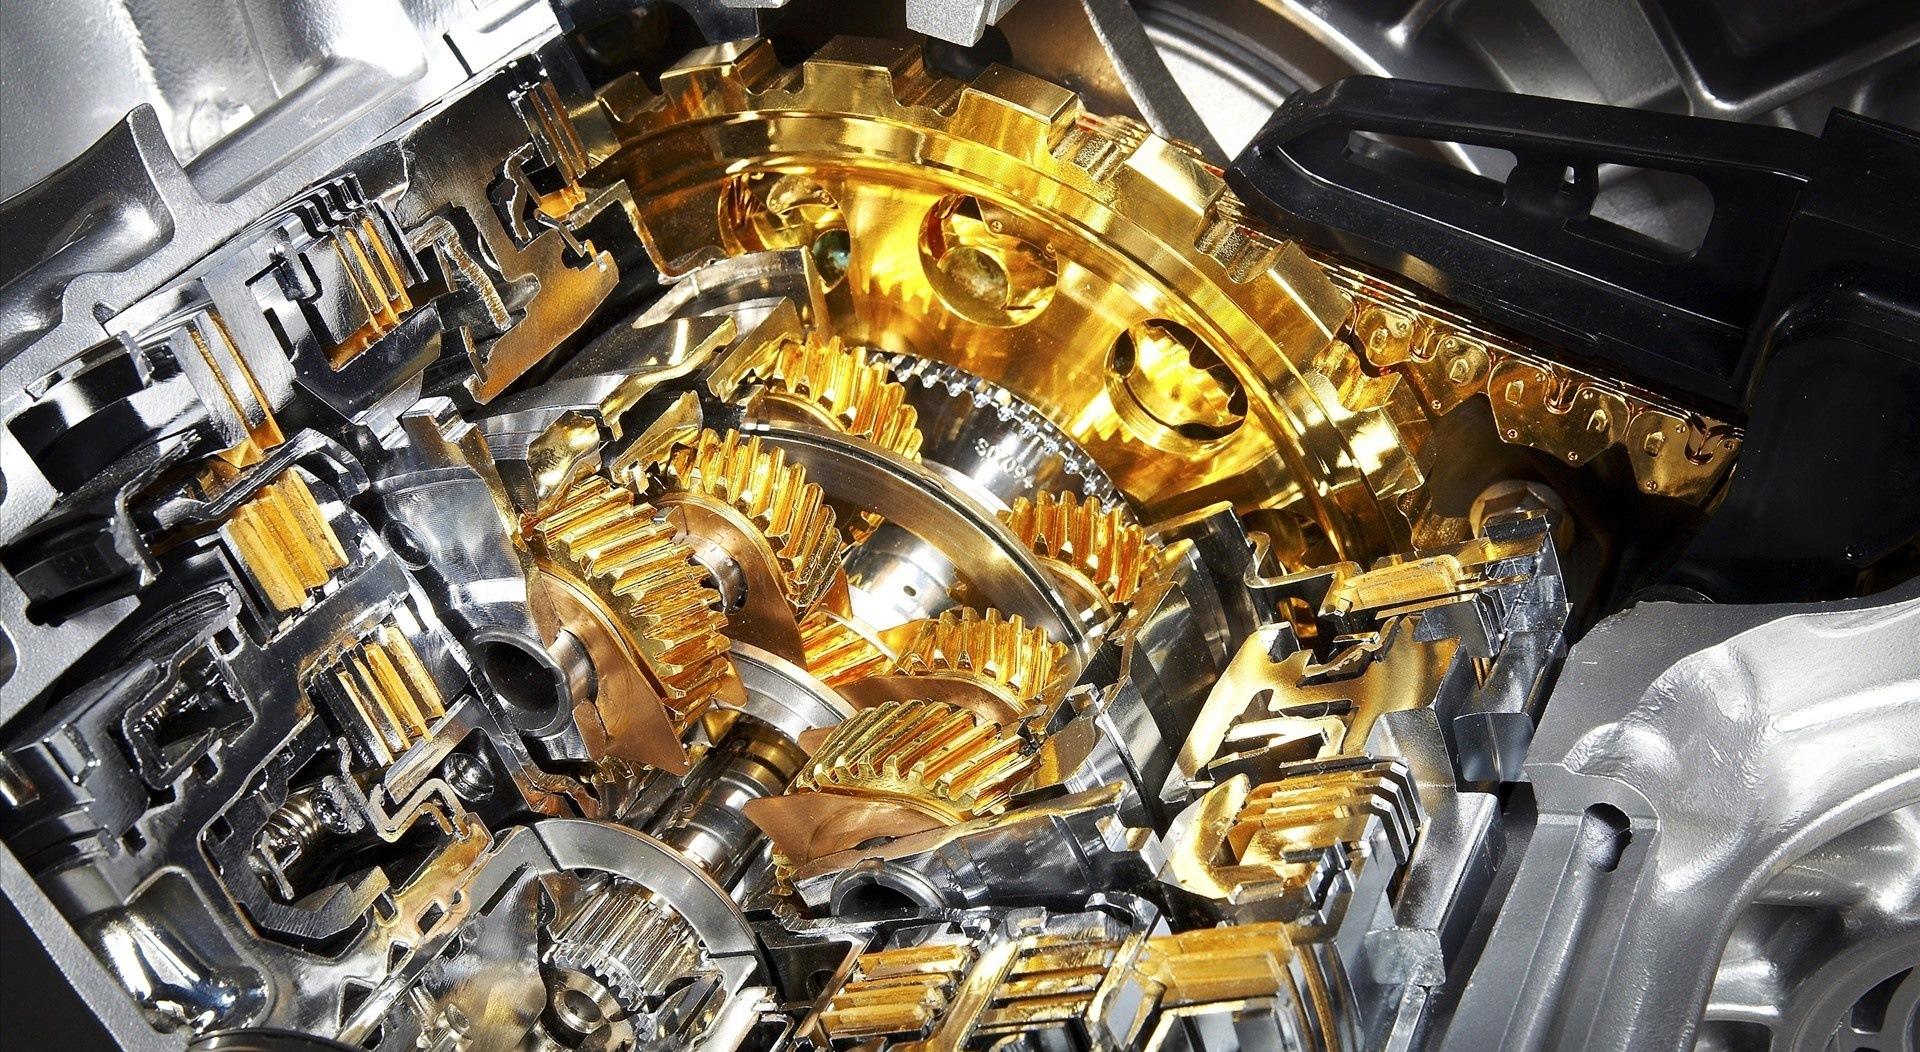 Обкатка дизельного двигателя после капремонта